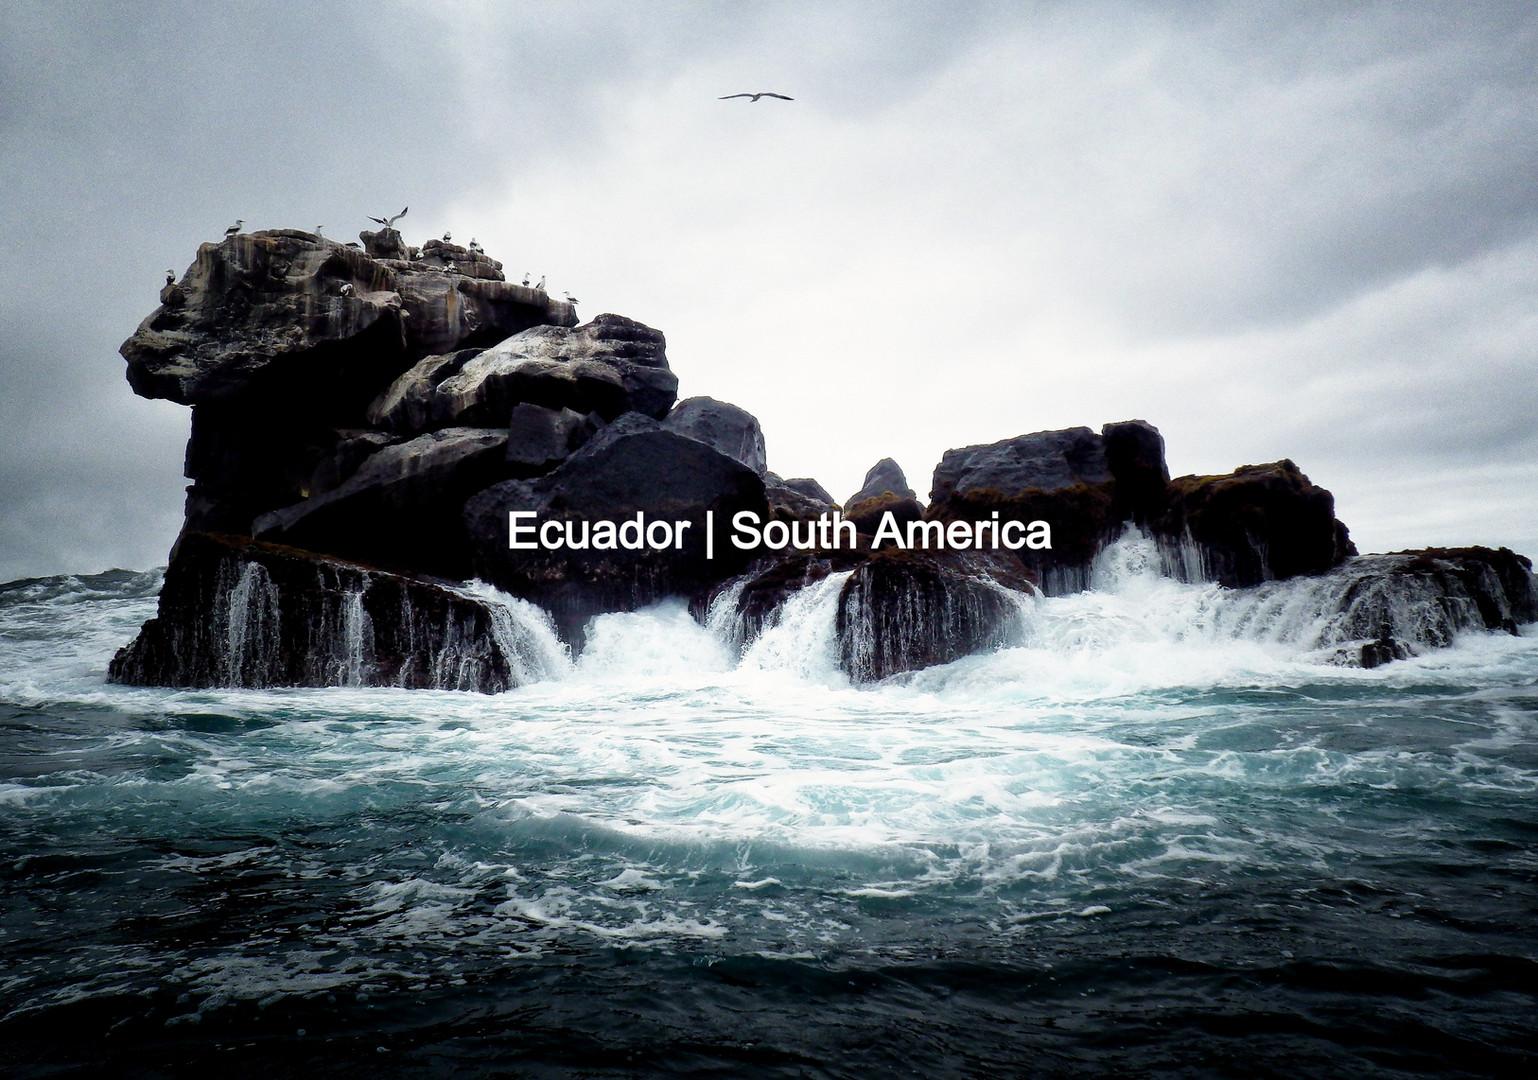 Ecuador | South America